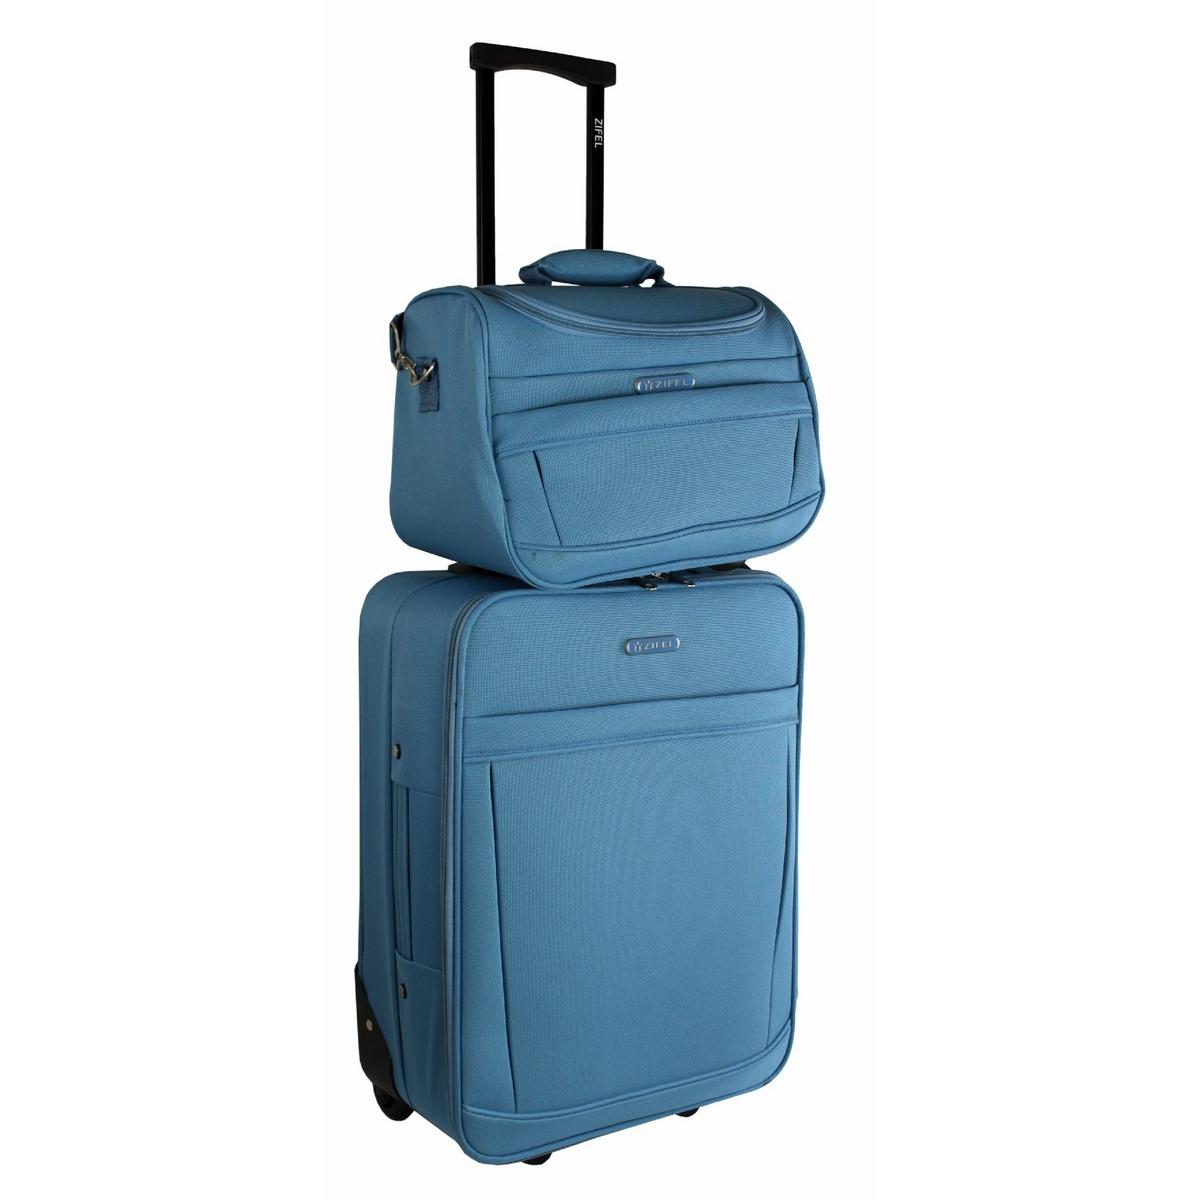 valise souples achat de bagages pas cher. Black Bedroom Furniture Sets. Home Design Ideas